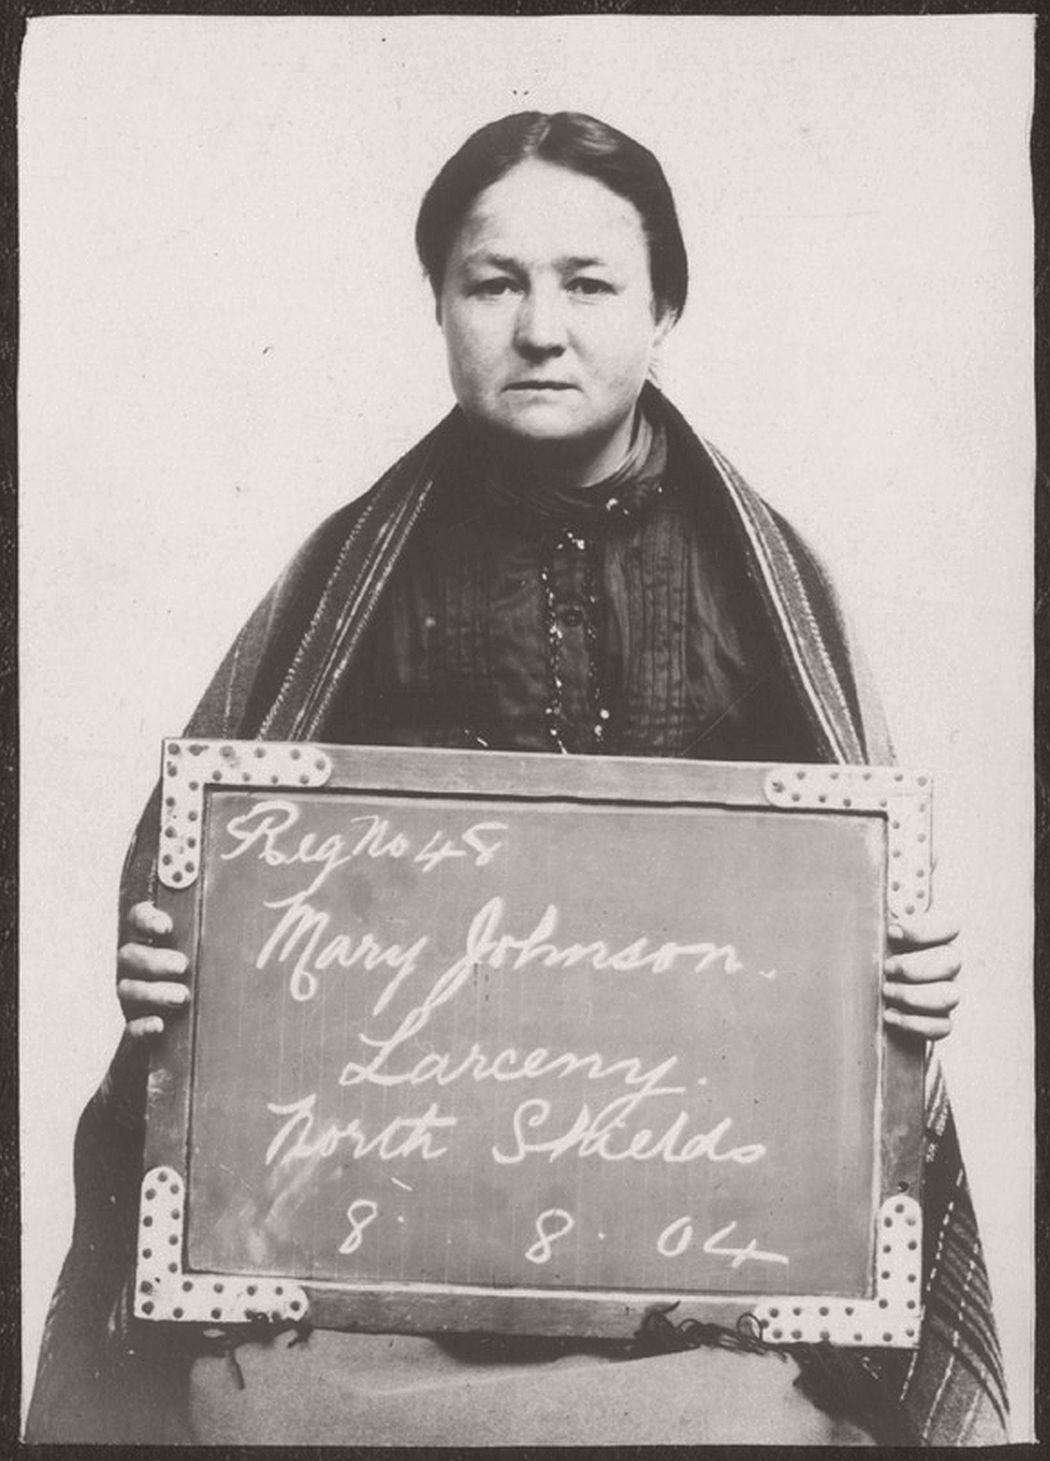 vintage-mug-shot-of-women-criminals-from-north-shields-1903-1905-06